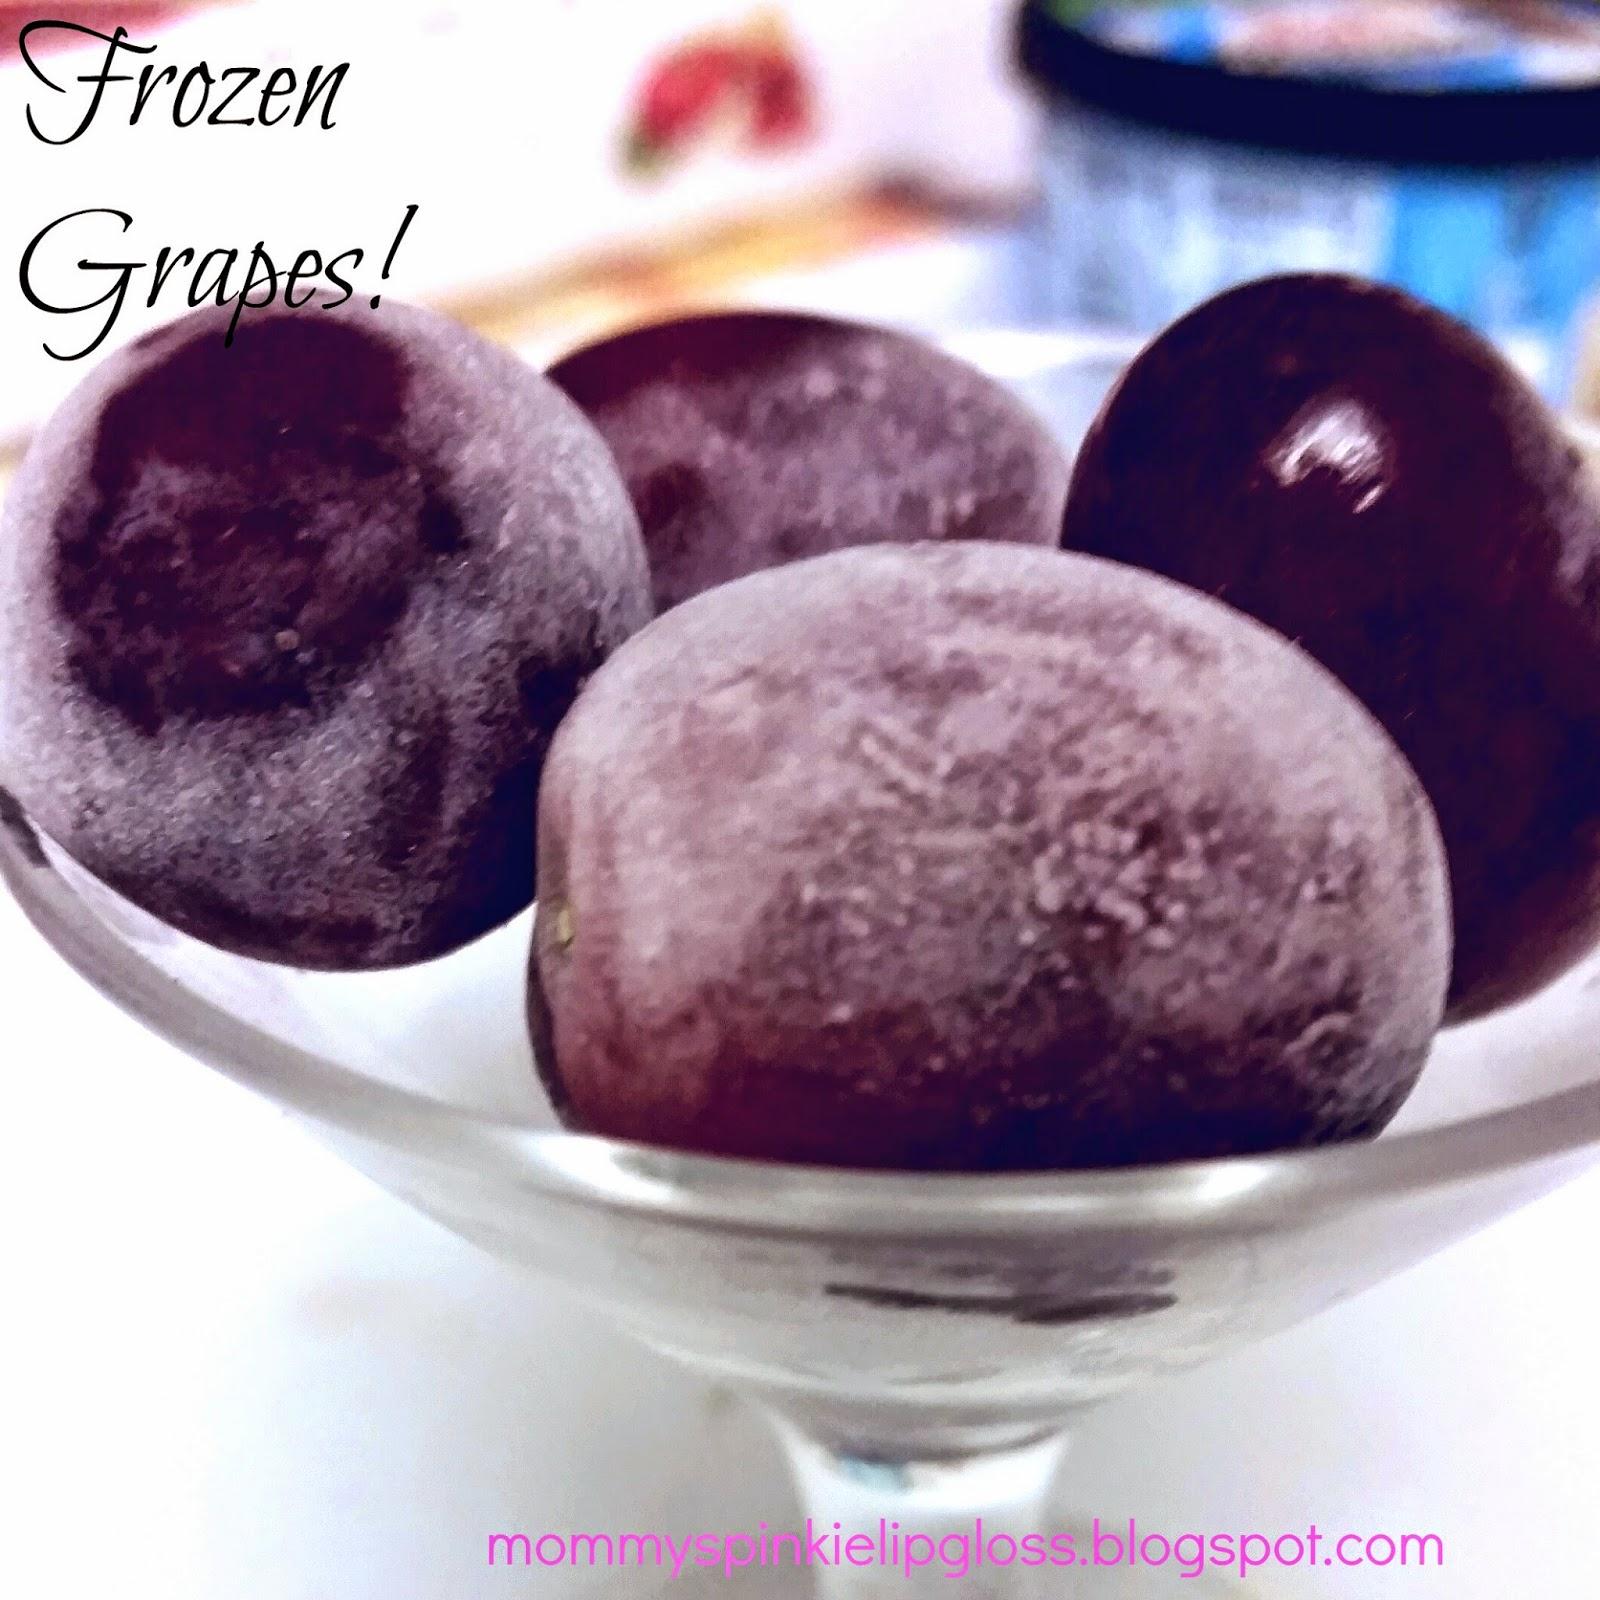 frozen grape recipe from MommysPinkieLipgloss.blogspot.com